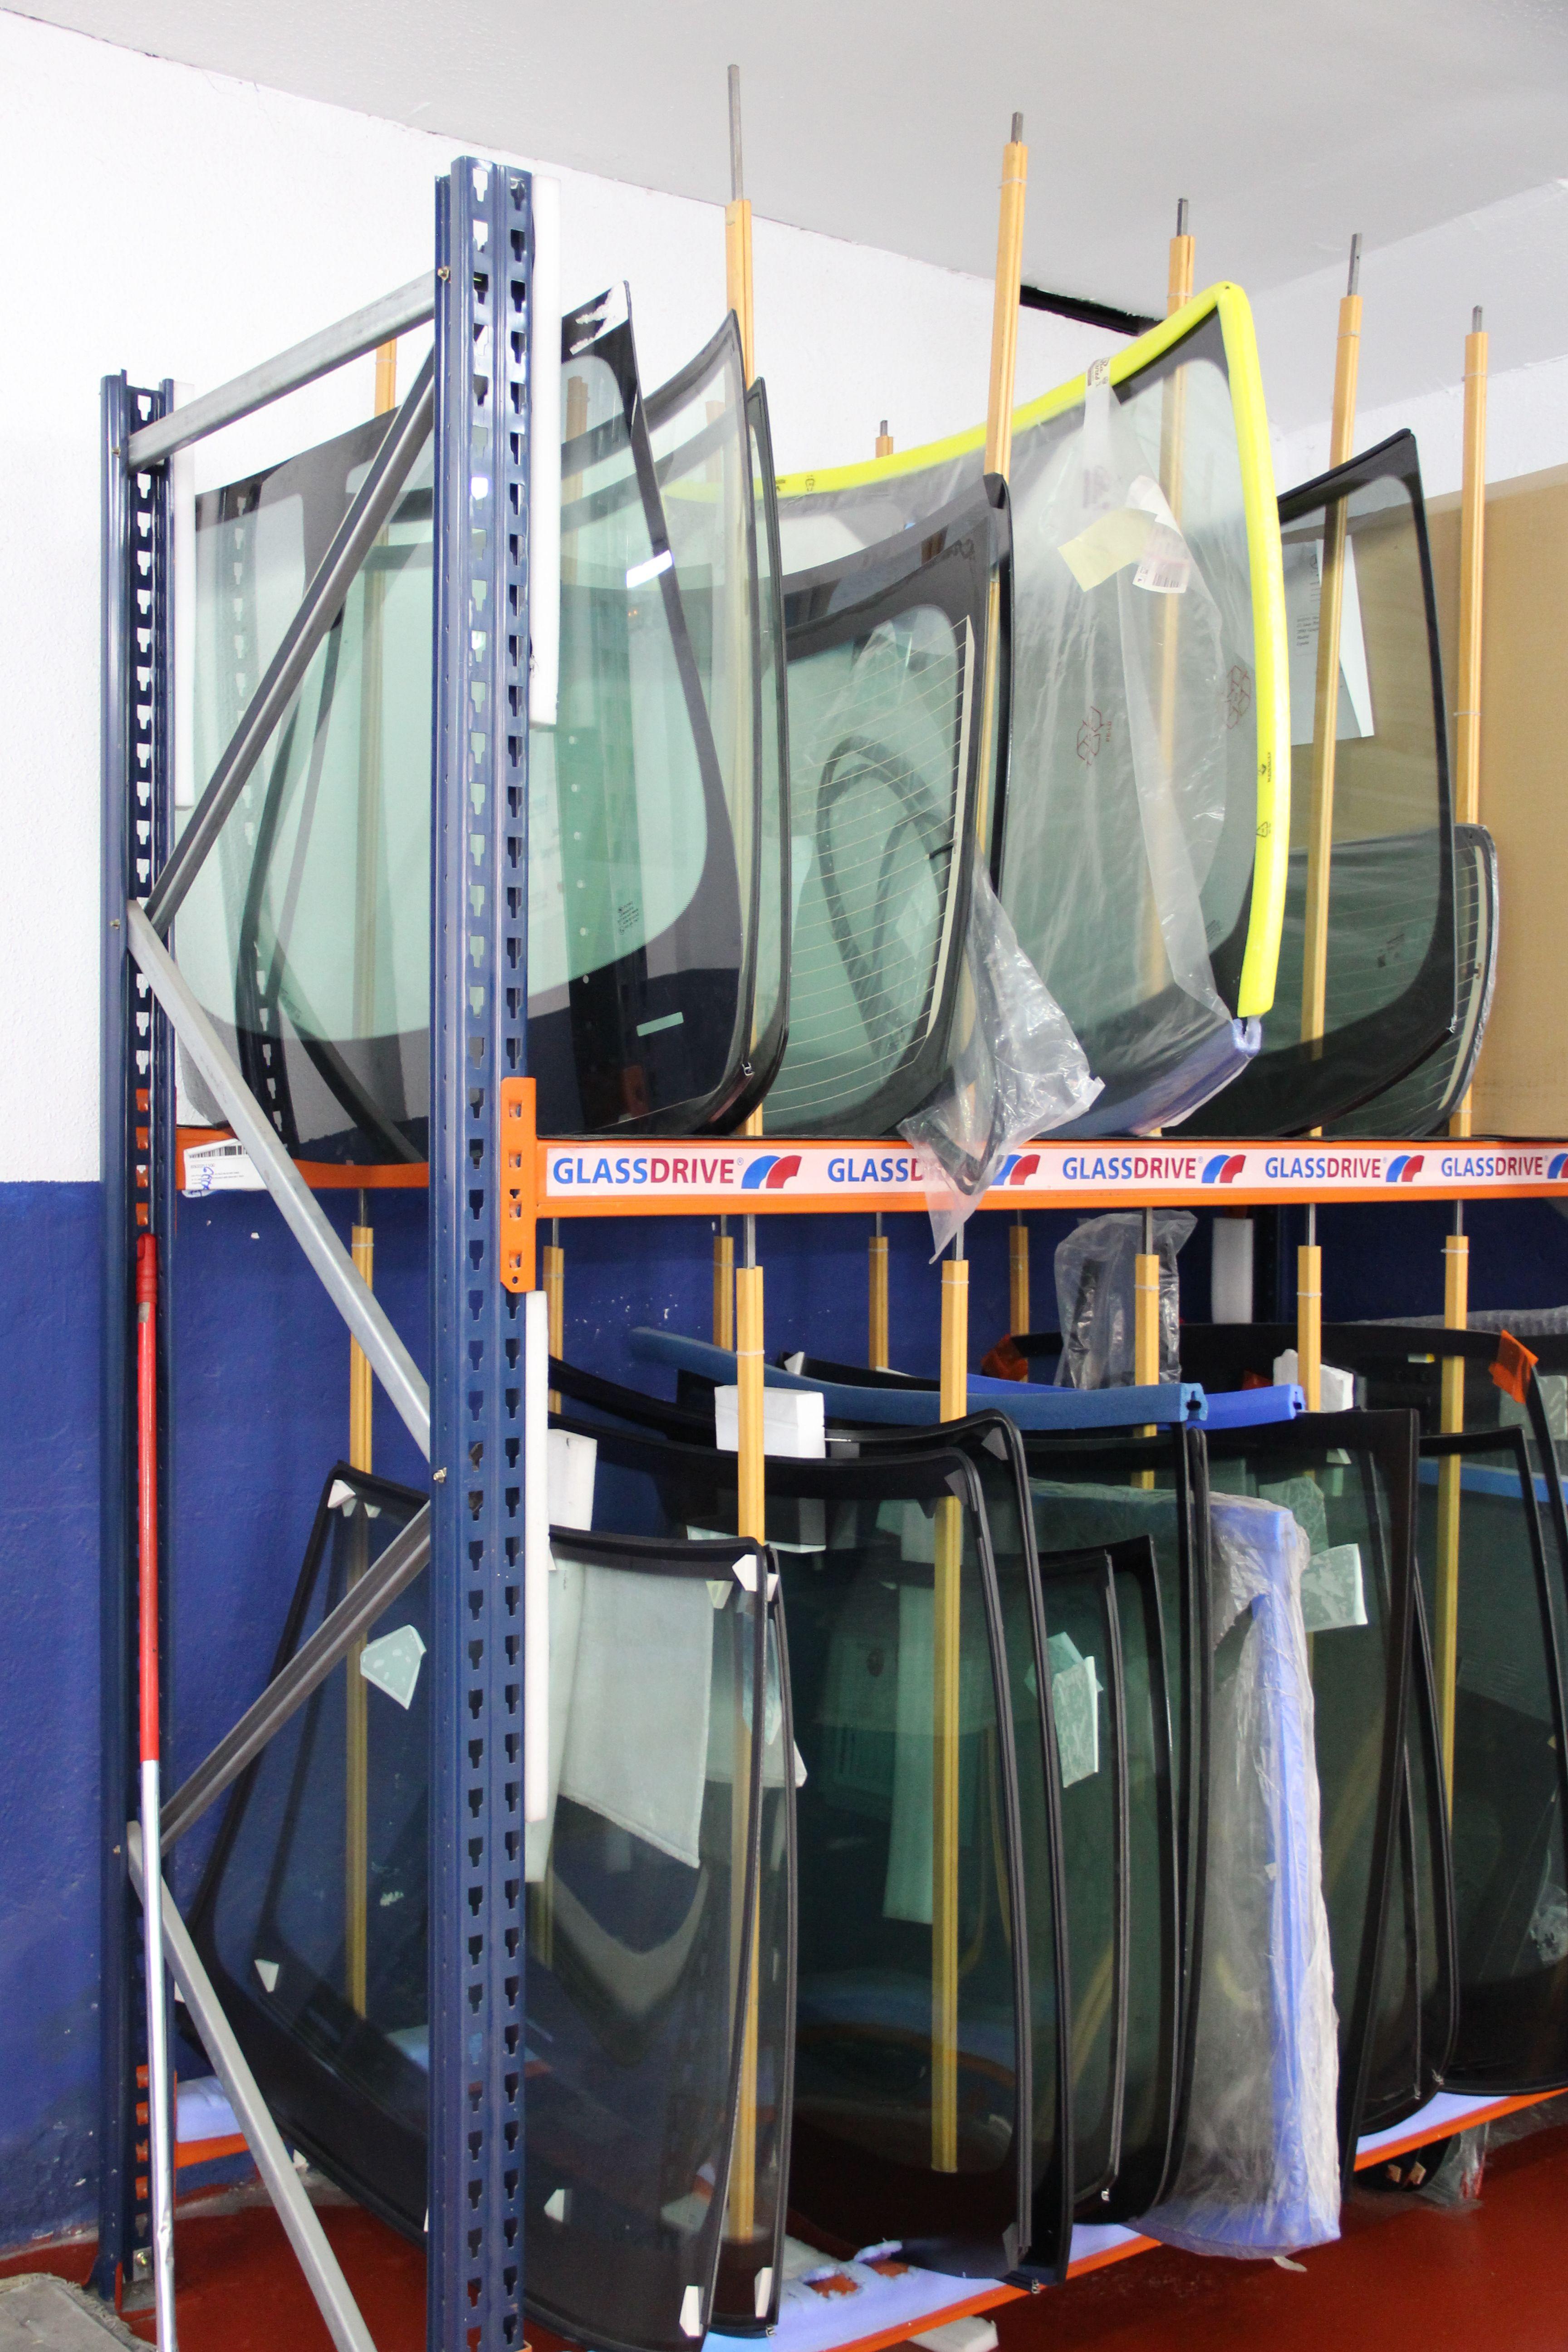 Foto 6 de Expertos en reparación, cambio y tintado de lunas en Getafe | Glassdrive Getafe